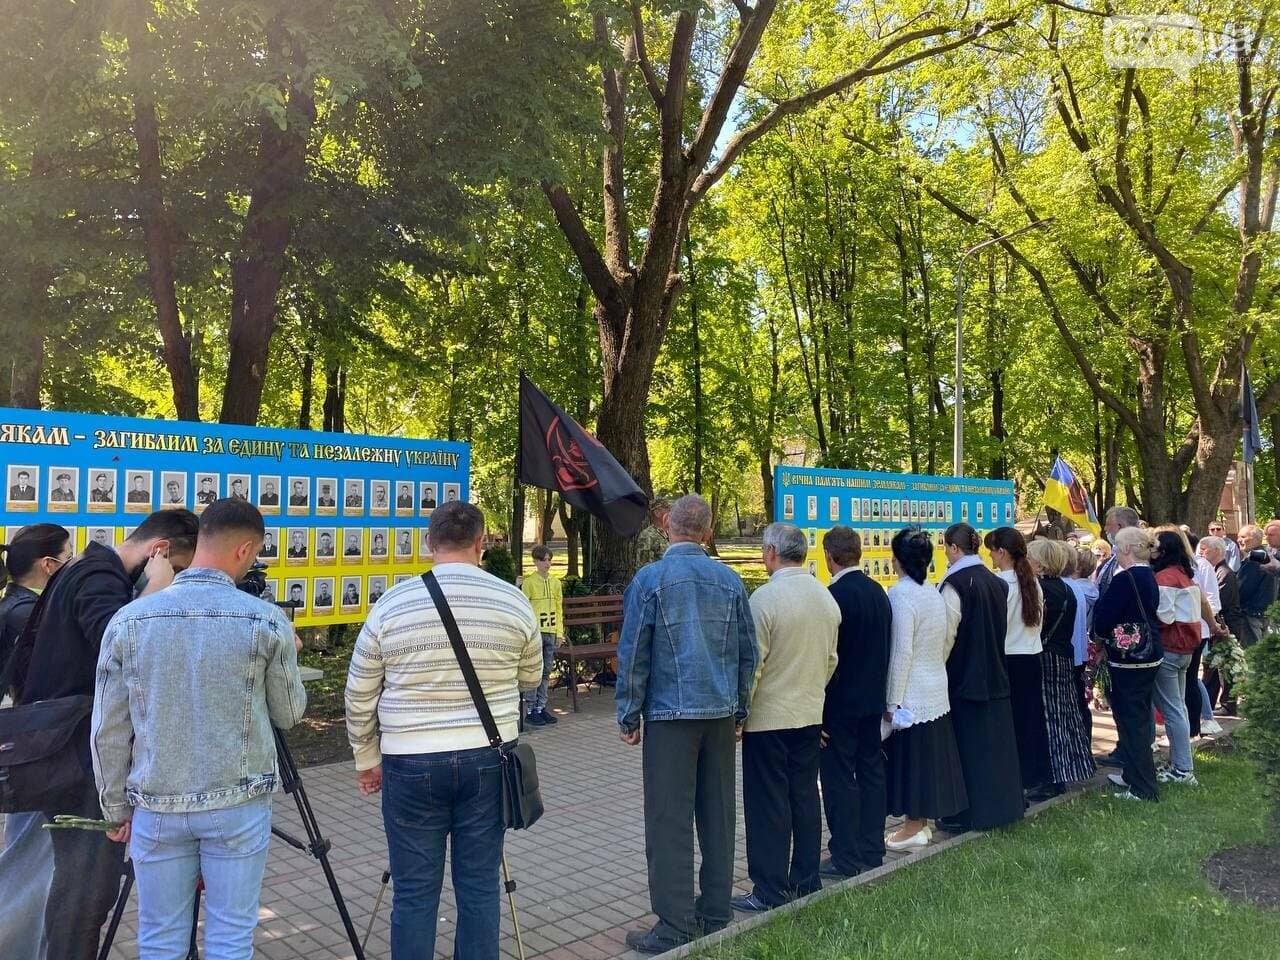 """7 годовщина создания батальона """"Кривбасс"""": горожане почтили память мертвых и поблагодарили живых воинов, - ФОТО, ВИДЕО , фото-3"""